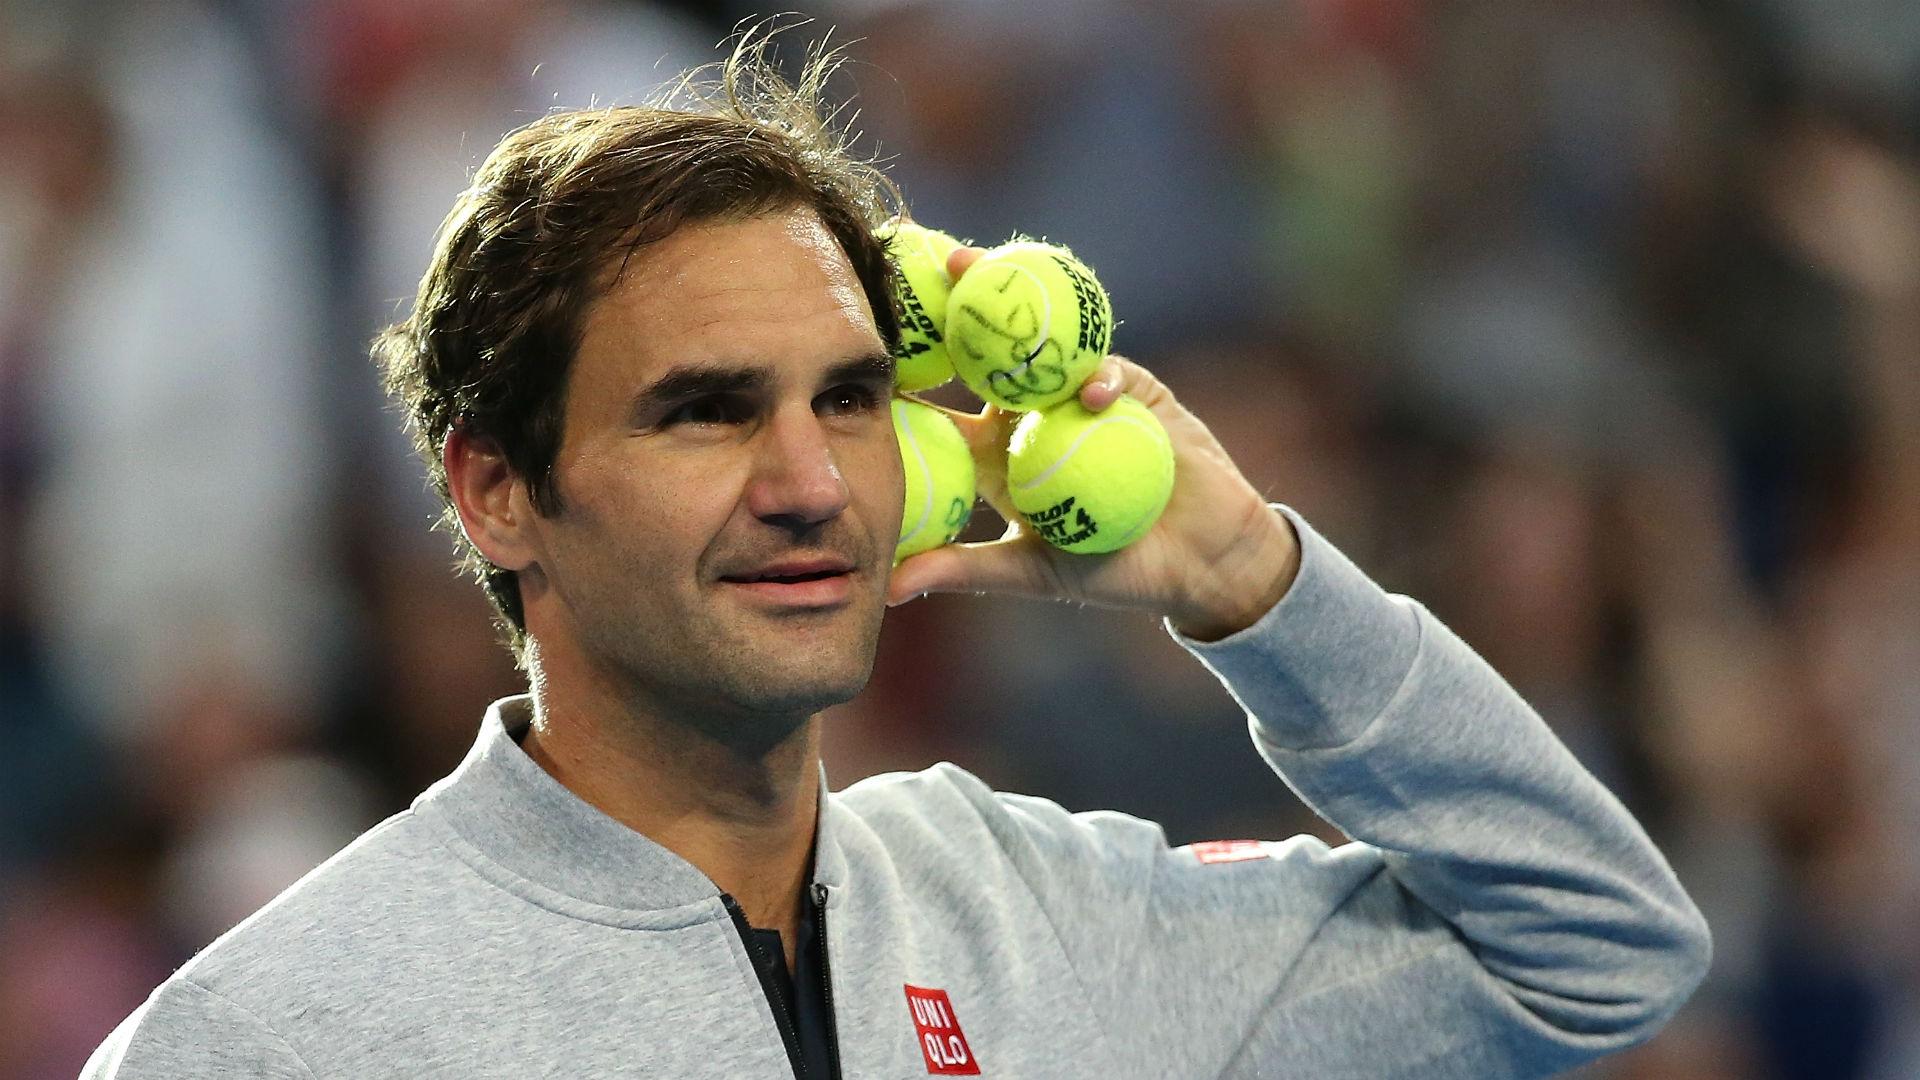 Federer Sends Switzerland Into Hopman Cup Final Tennis News